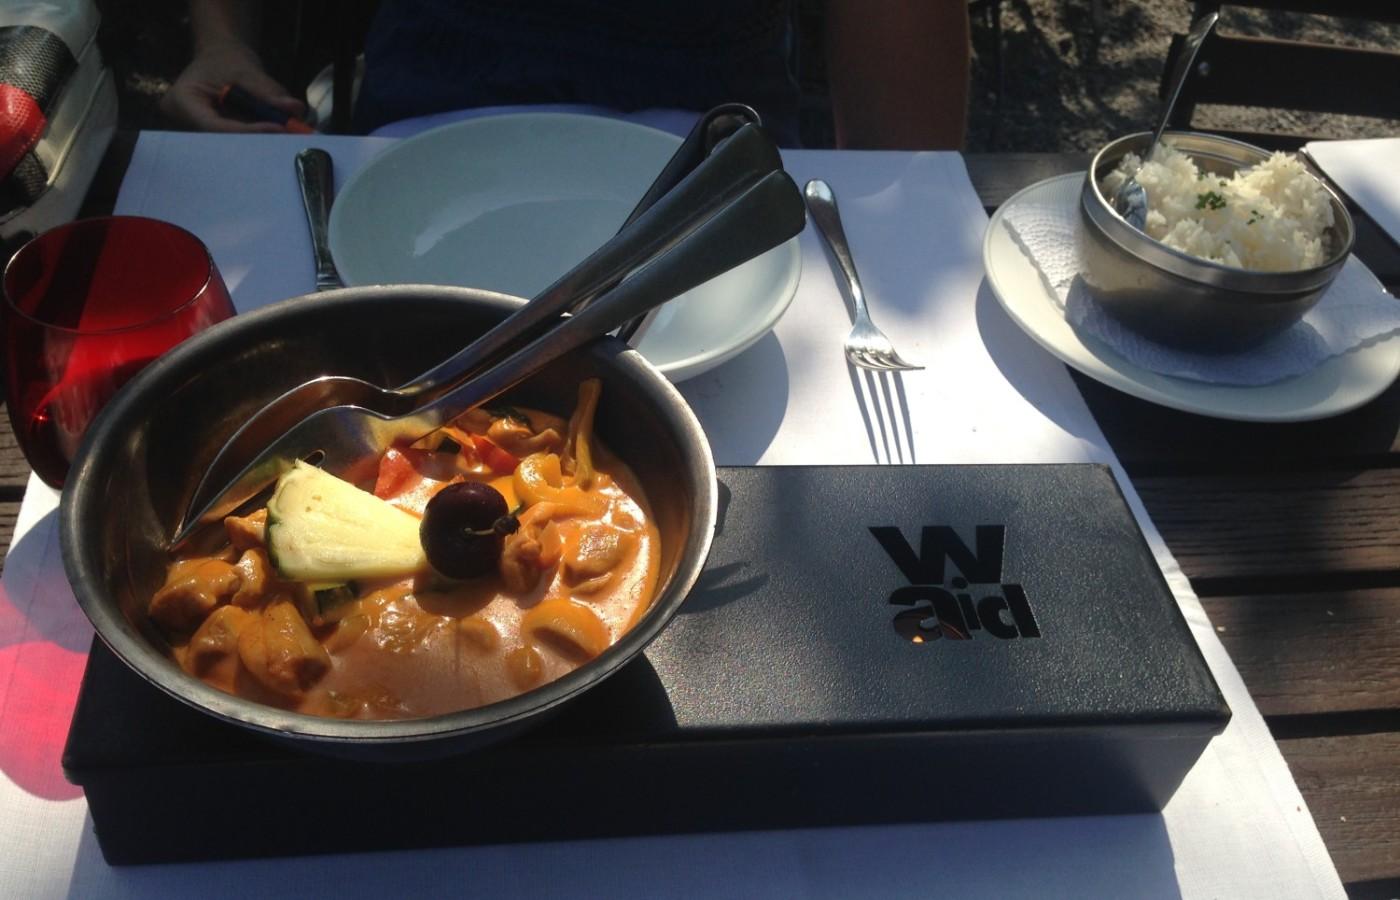 Das Wok-Gericht meiner Begleitung